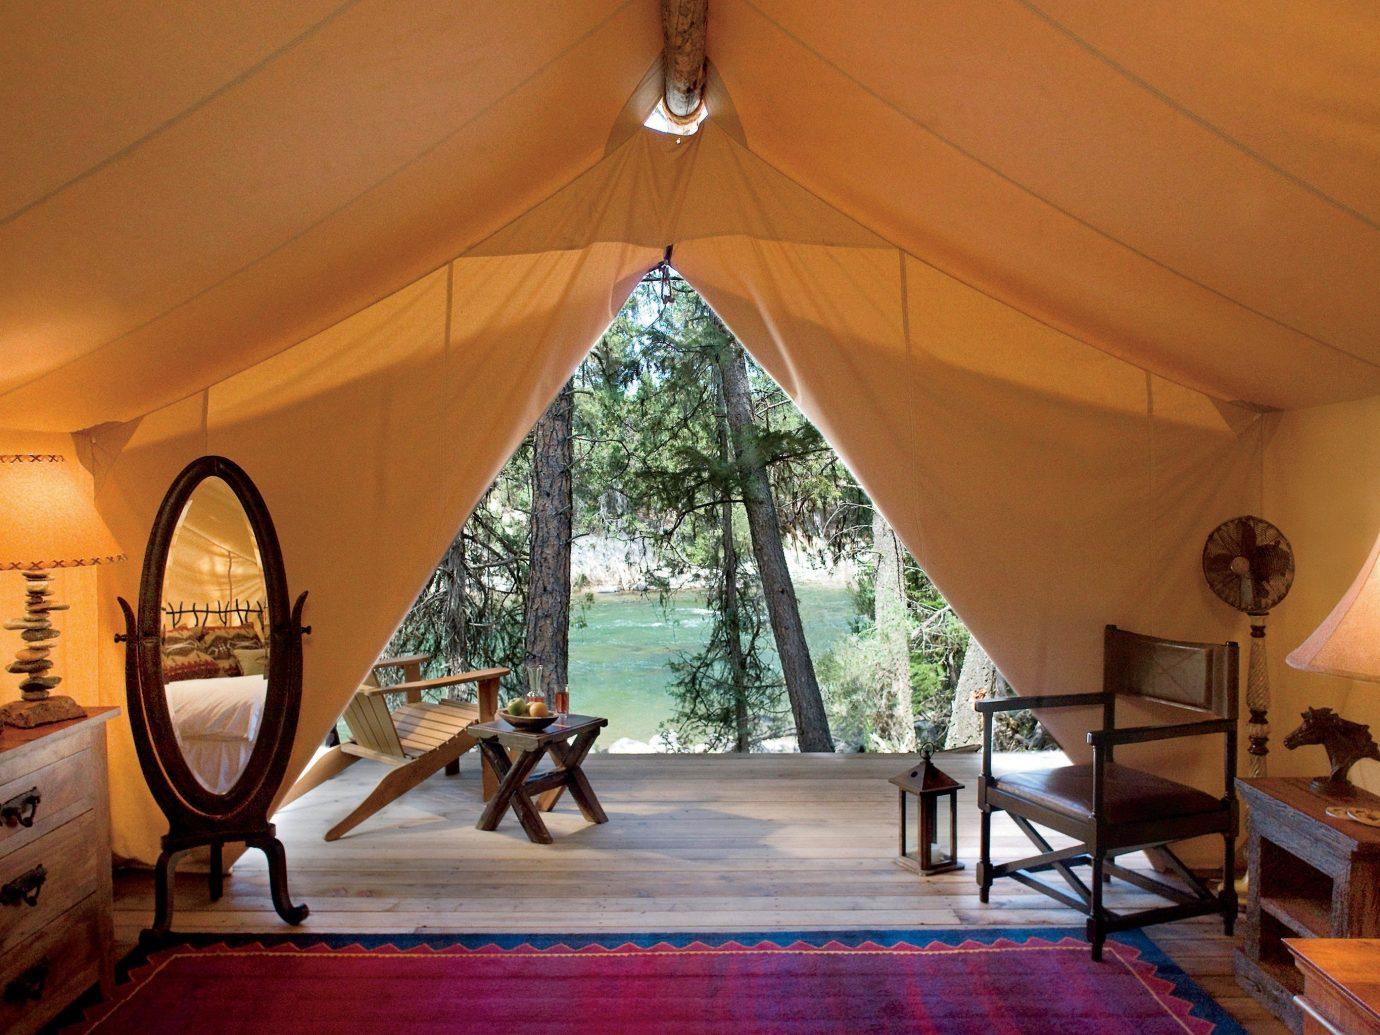 Hotels floor indoor room property estate Resort ceiling Villa interior design cottage living room furniture